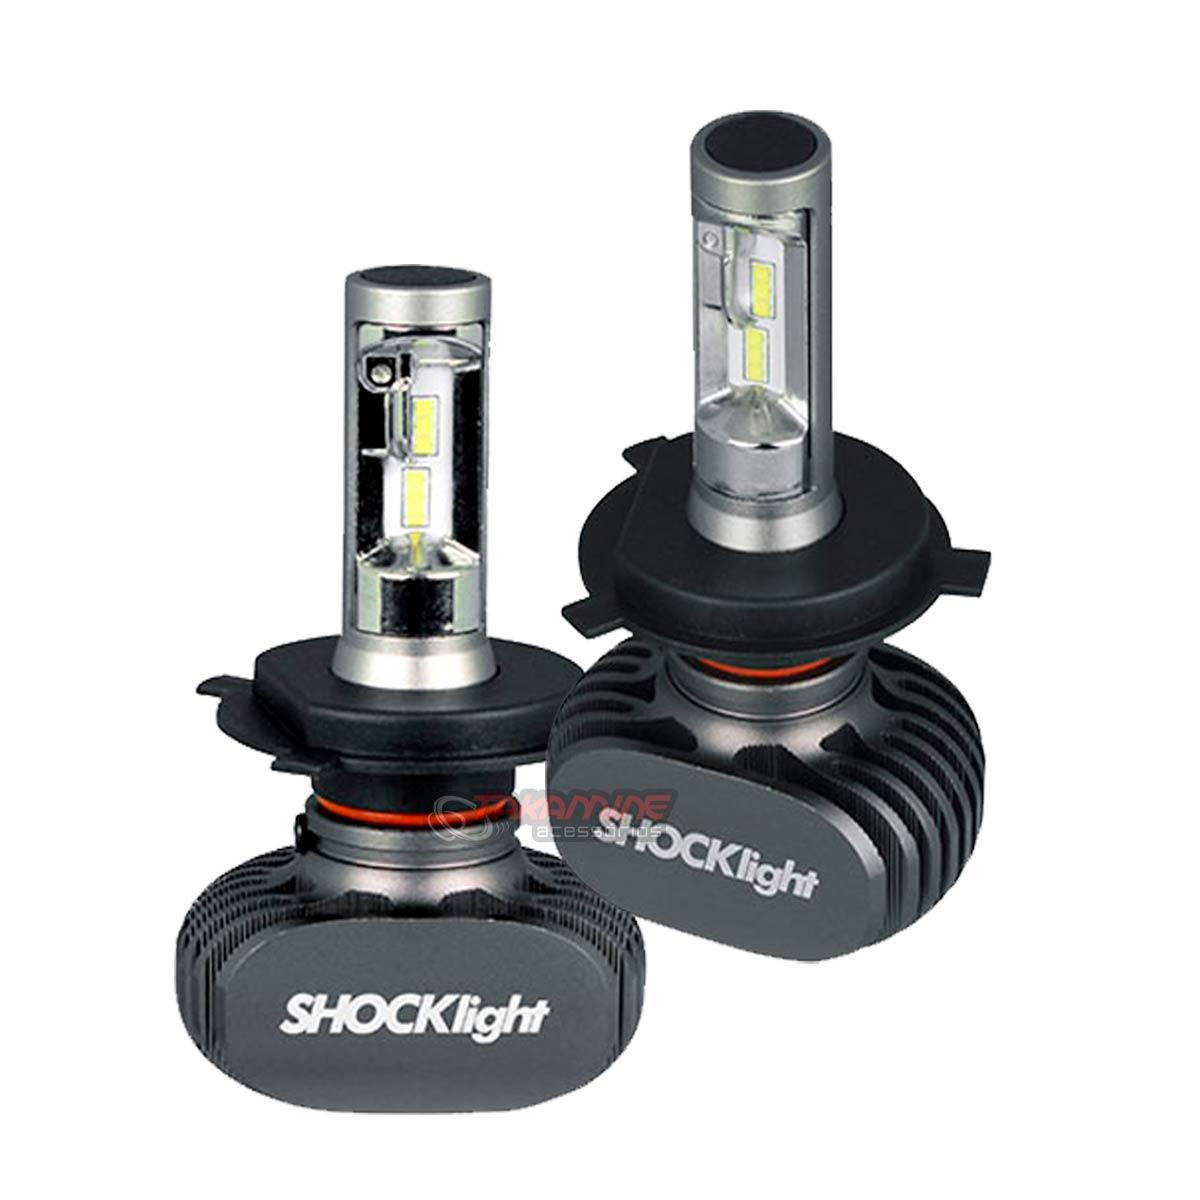 Kit Ultra LED Crossfox 2003 2004 2005 2006 2007 2008 2009 tipo xenon farol alto e baixo H4 50W